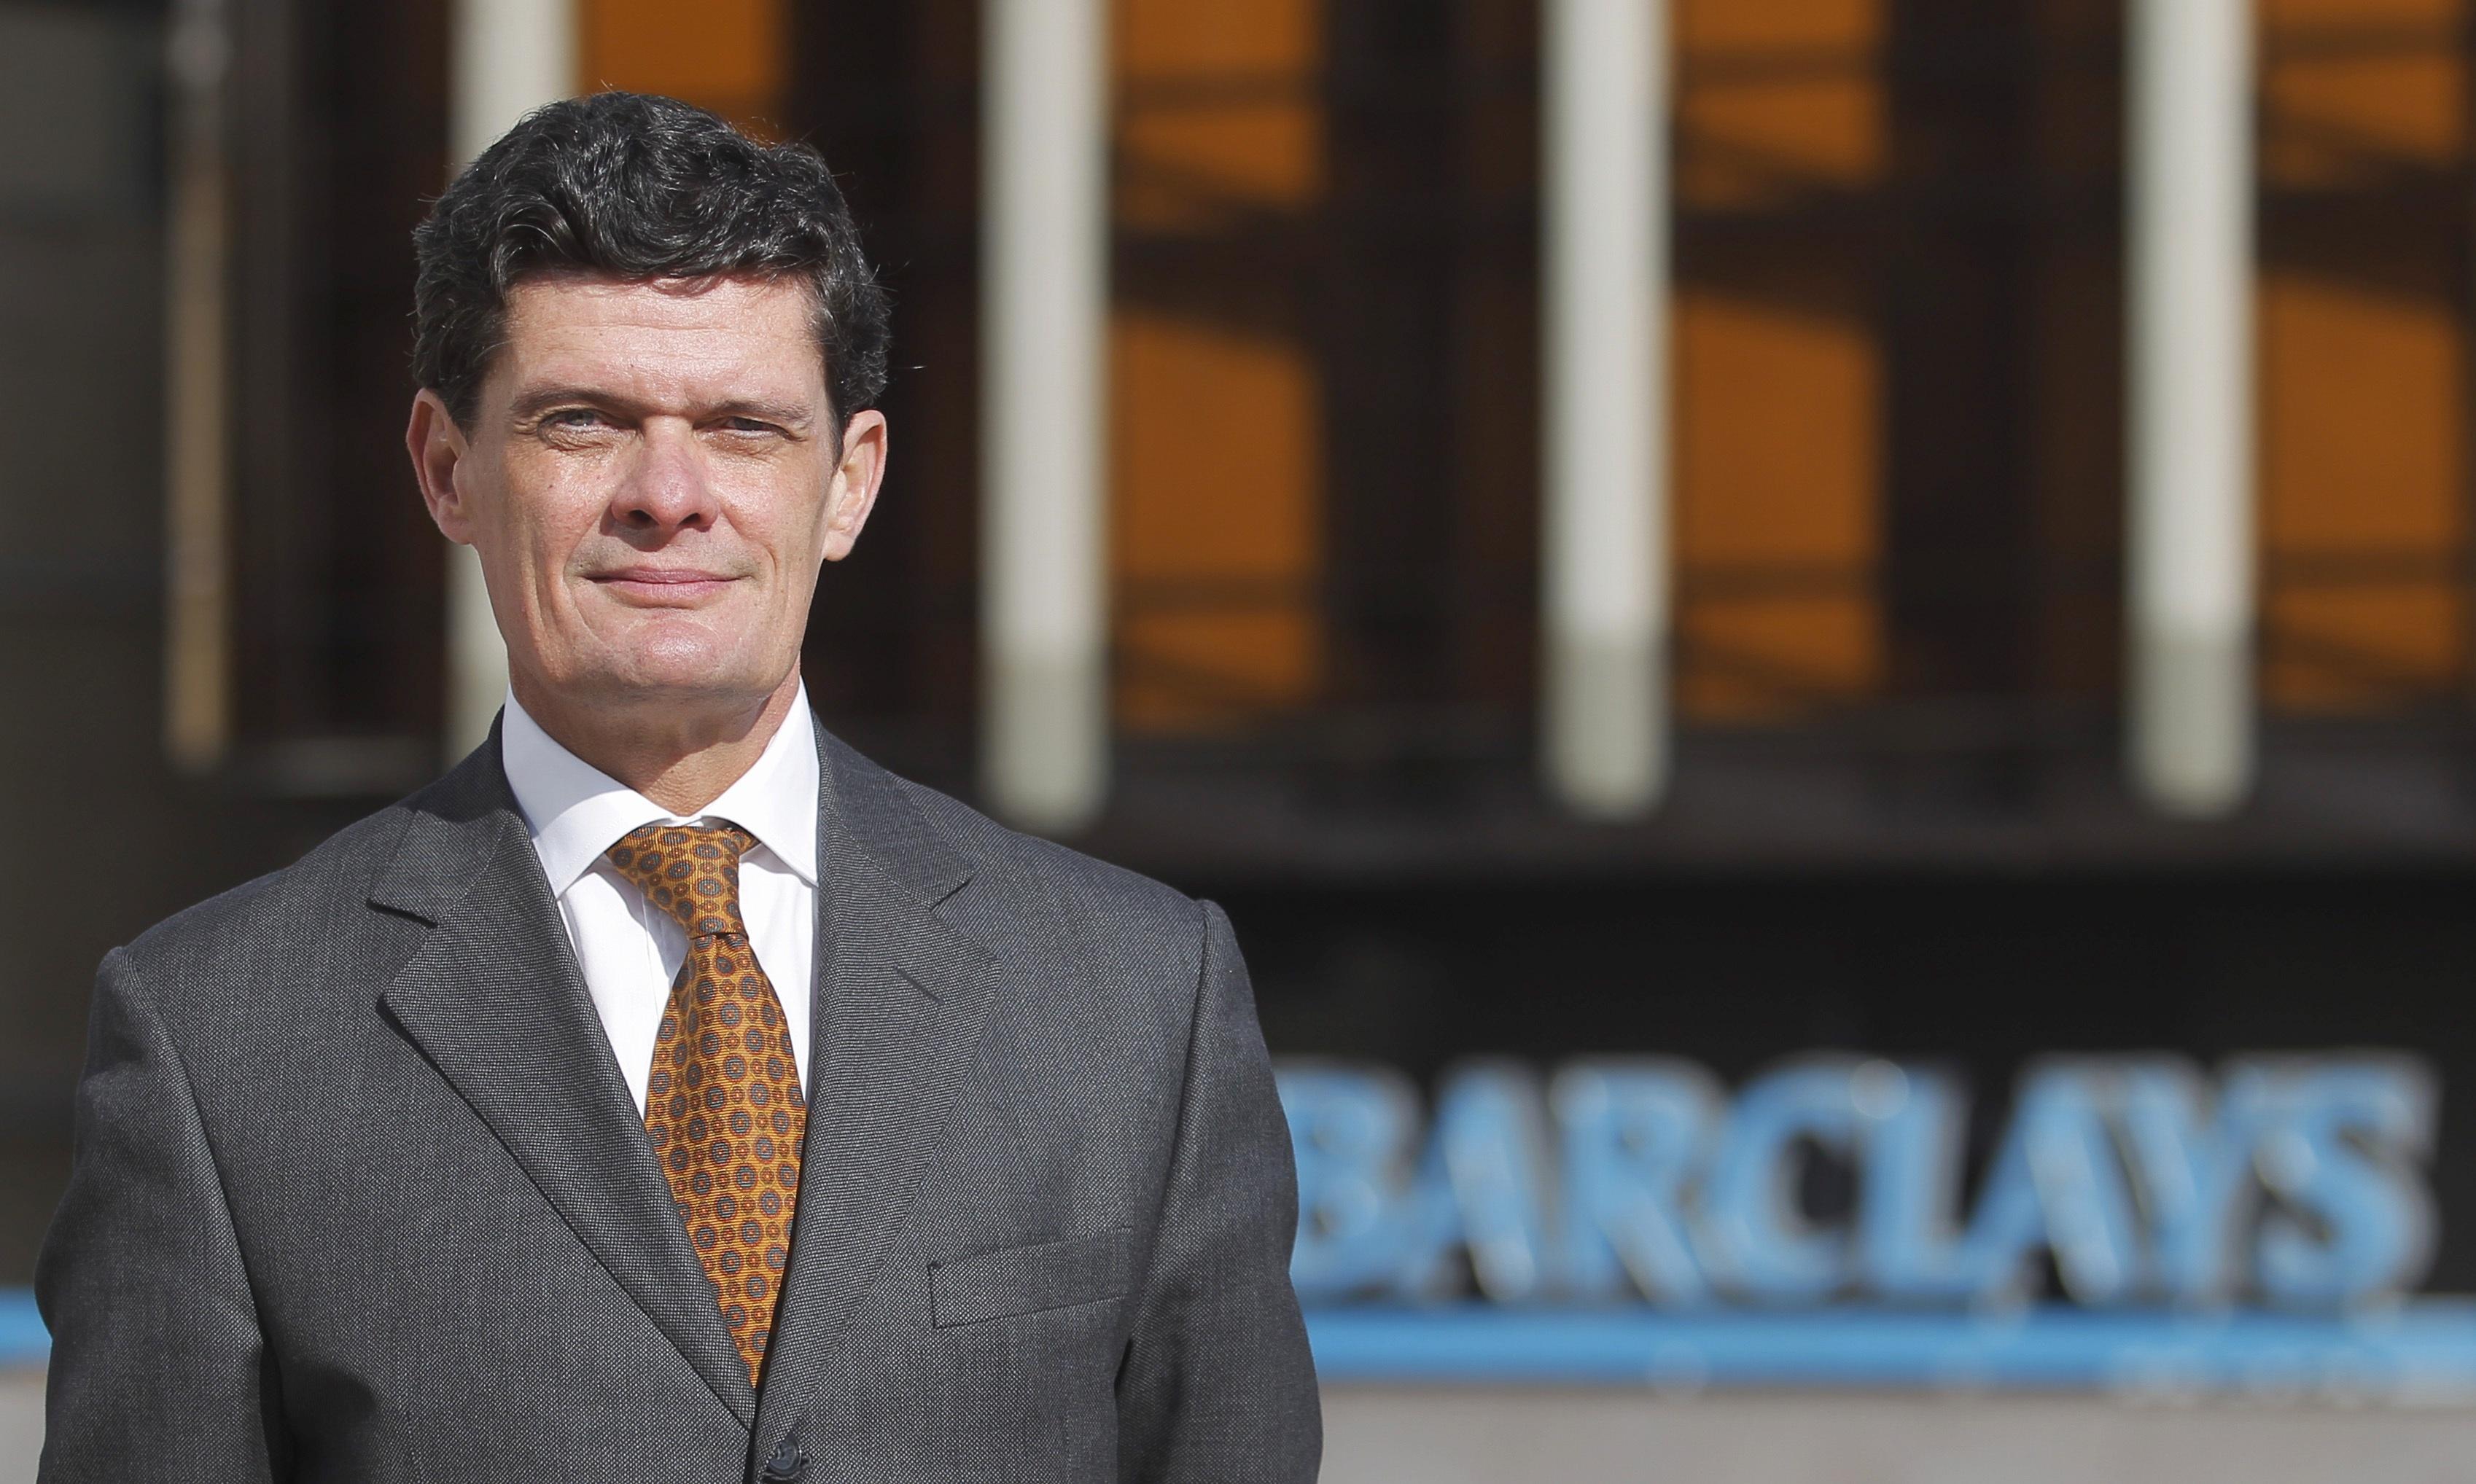 Jaime Echegoyen deja su puesto como consejero delegado en Barclays